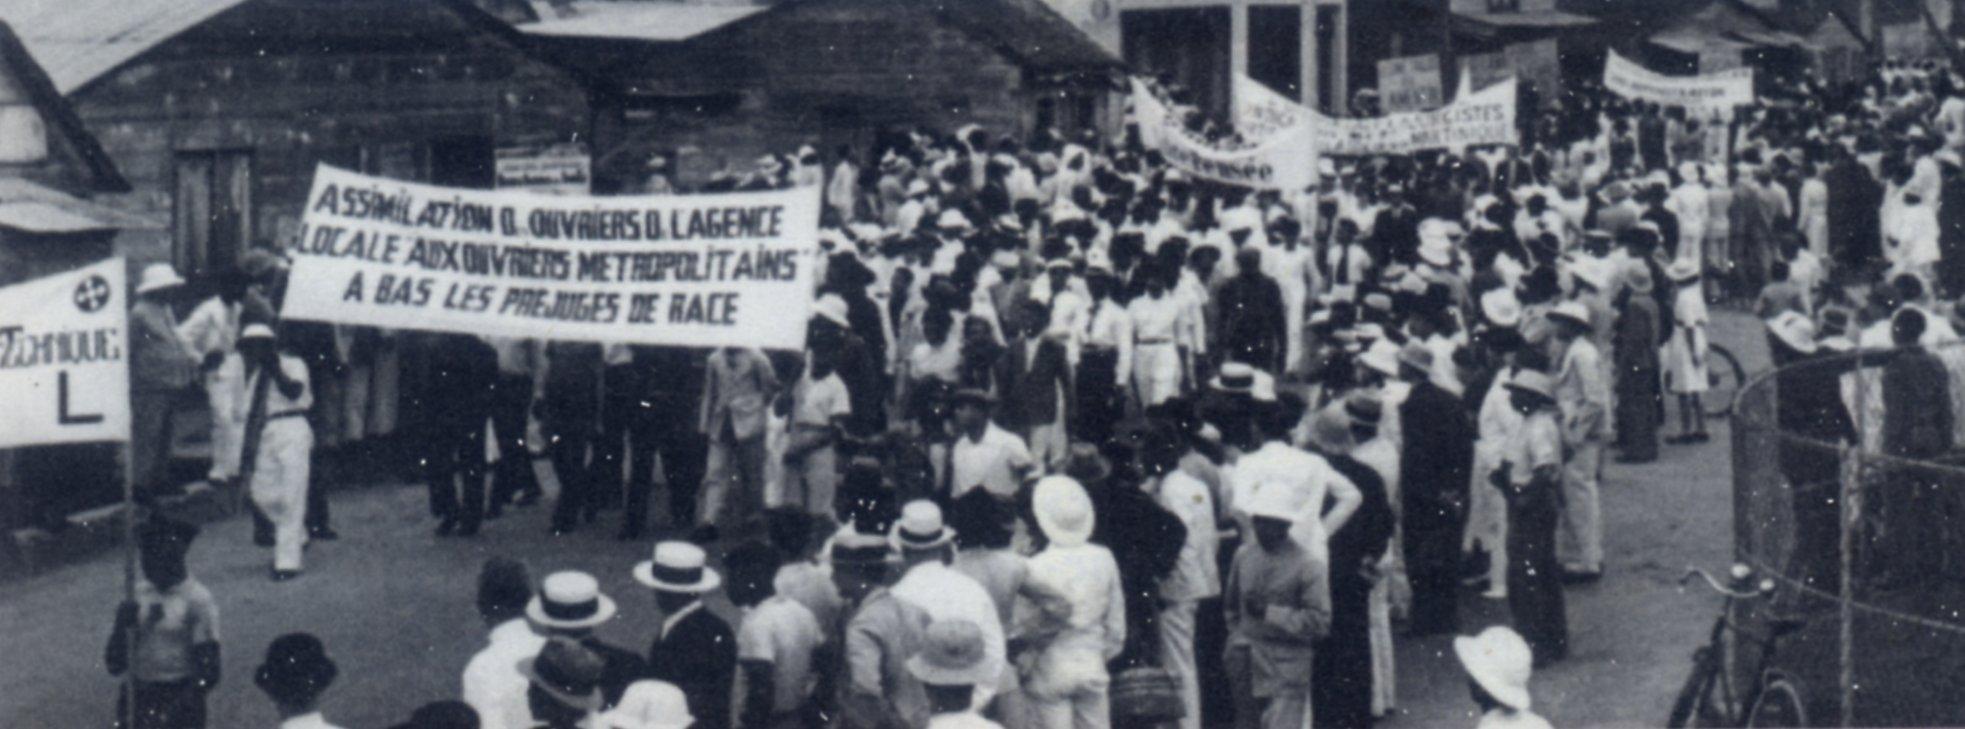 [Guadeloupe] Massacres de mai 67: l'Etat français sauvé par le GONG